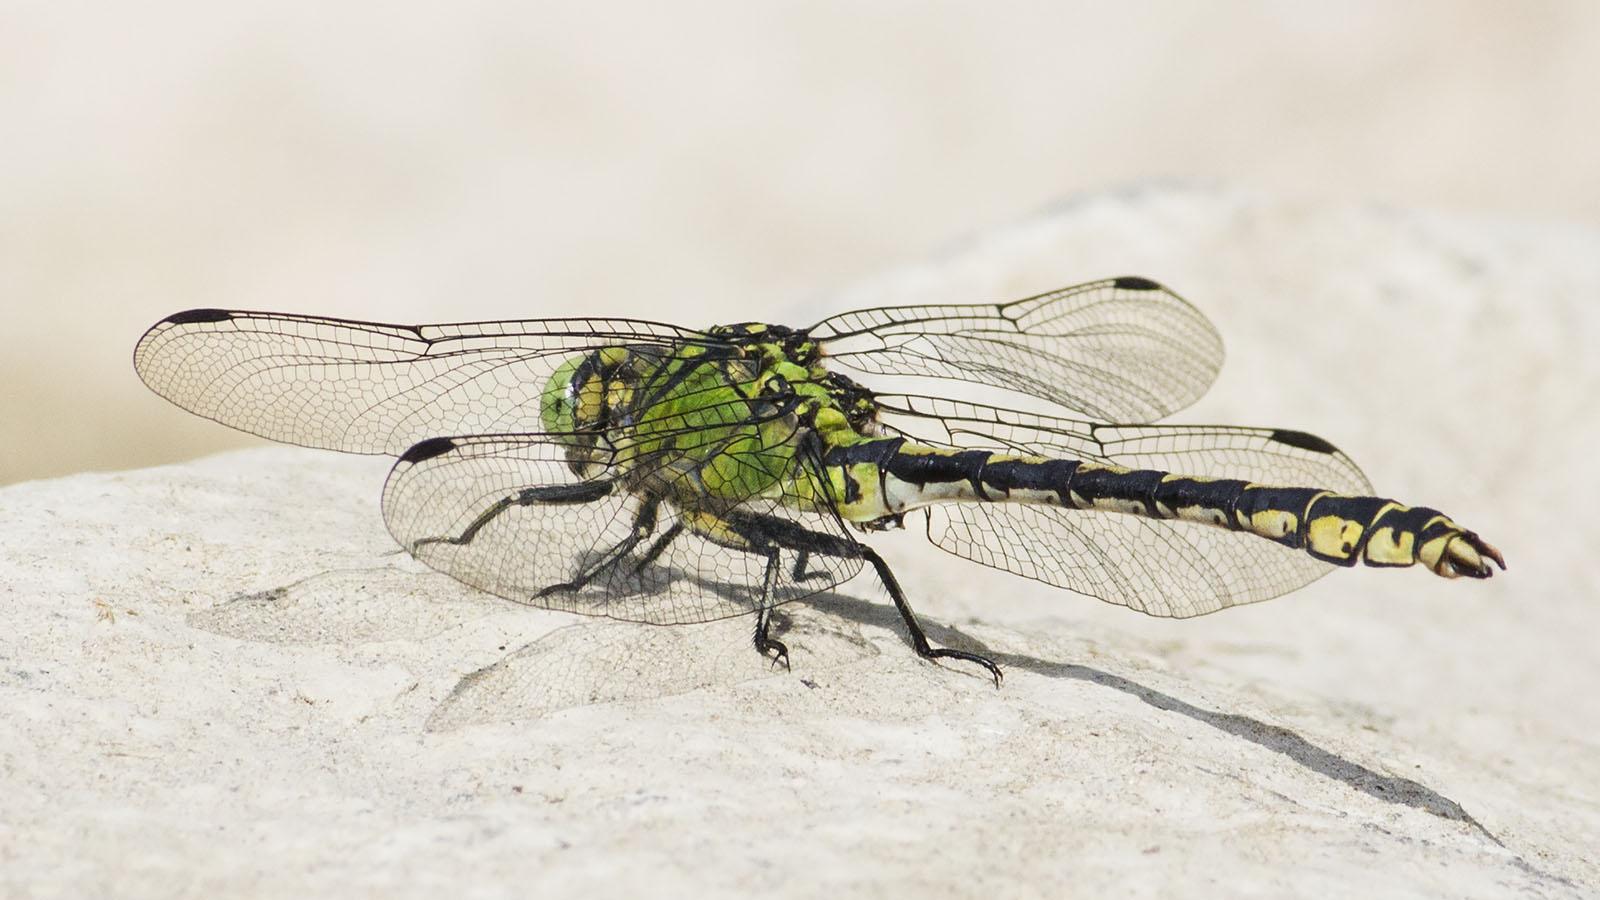 Die Grüne Flussjungfer ist eine seltene Libellenart, die in der Schlucht ideale Lebensräume findet